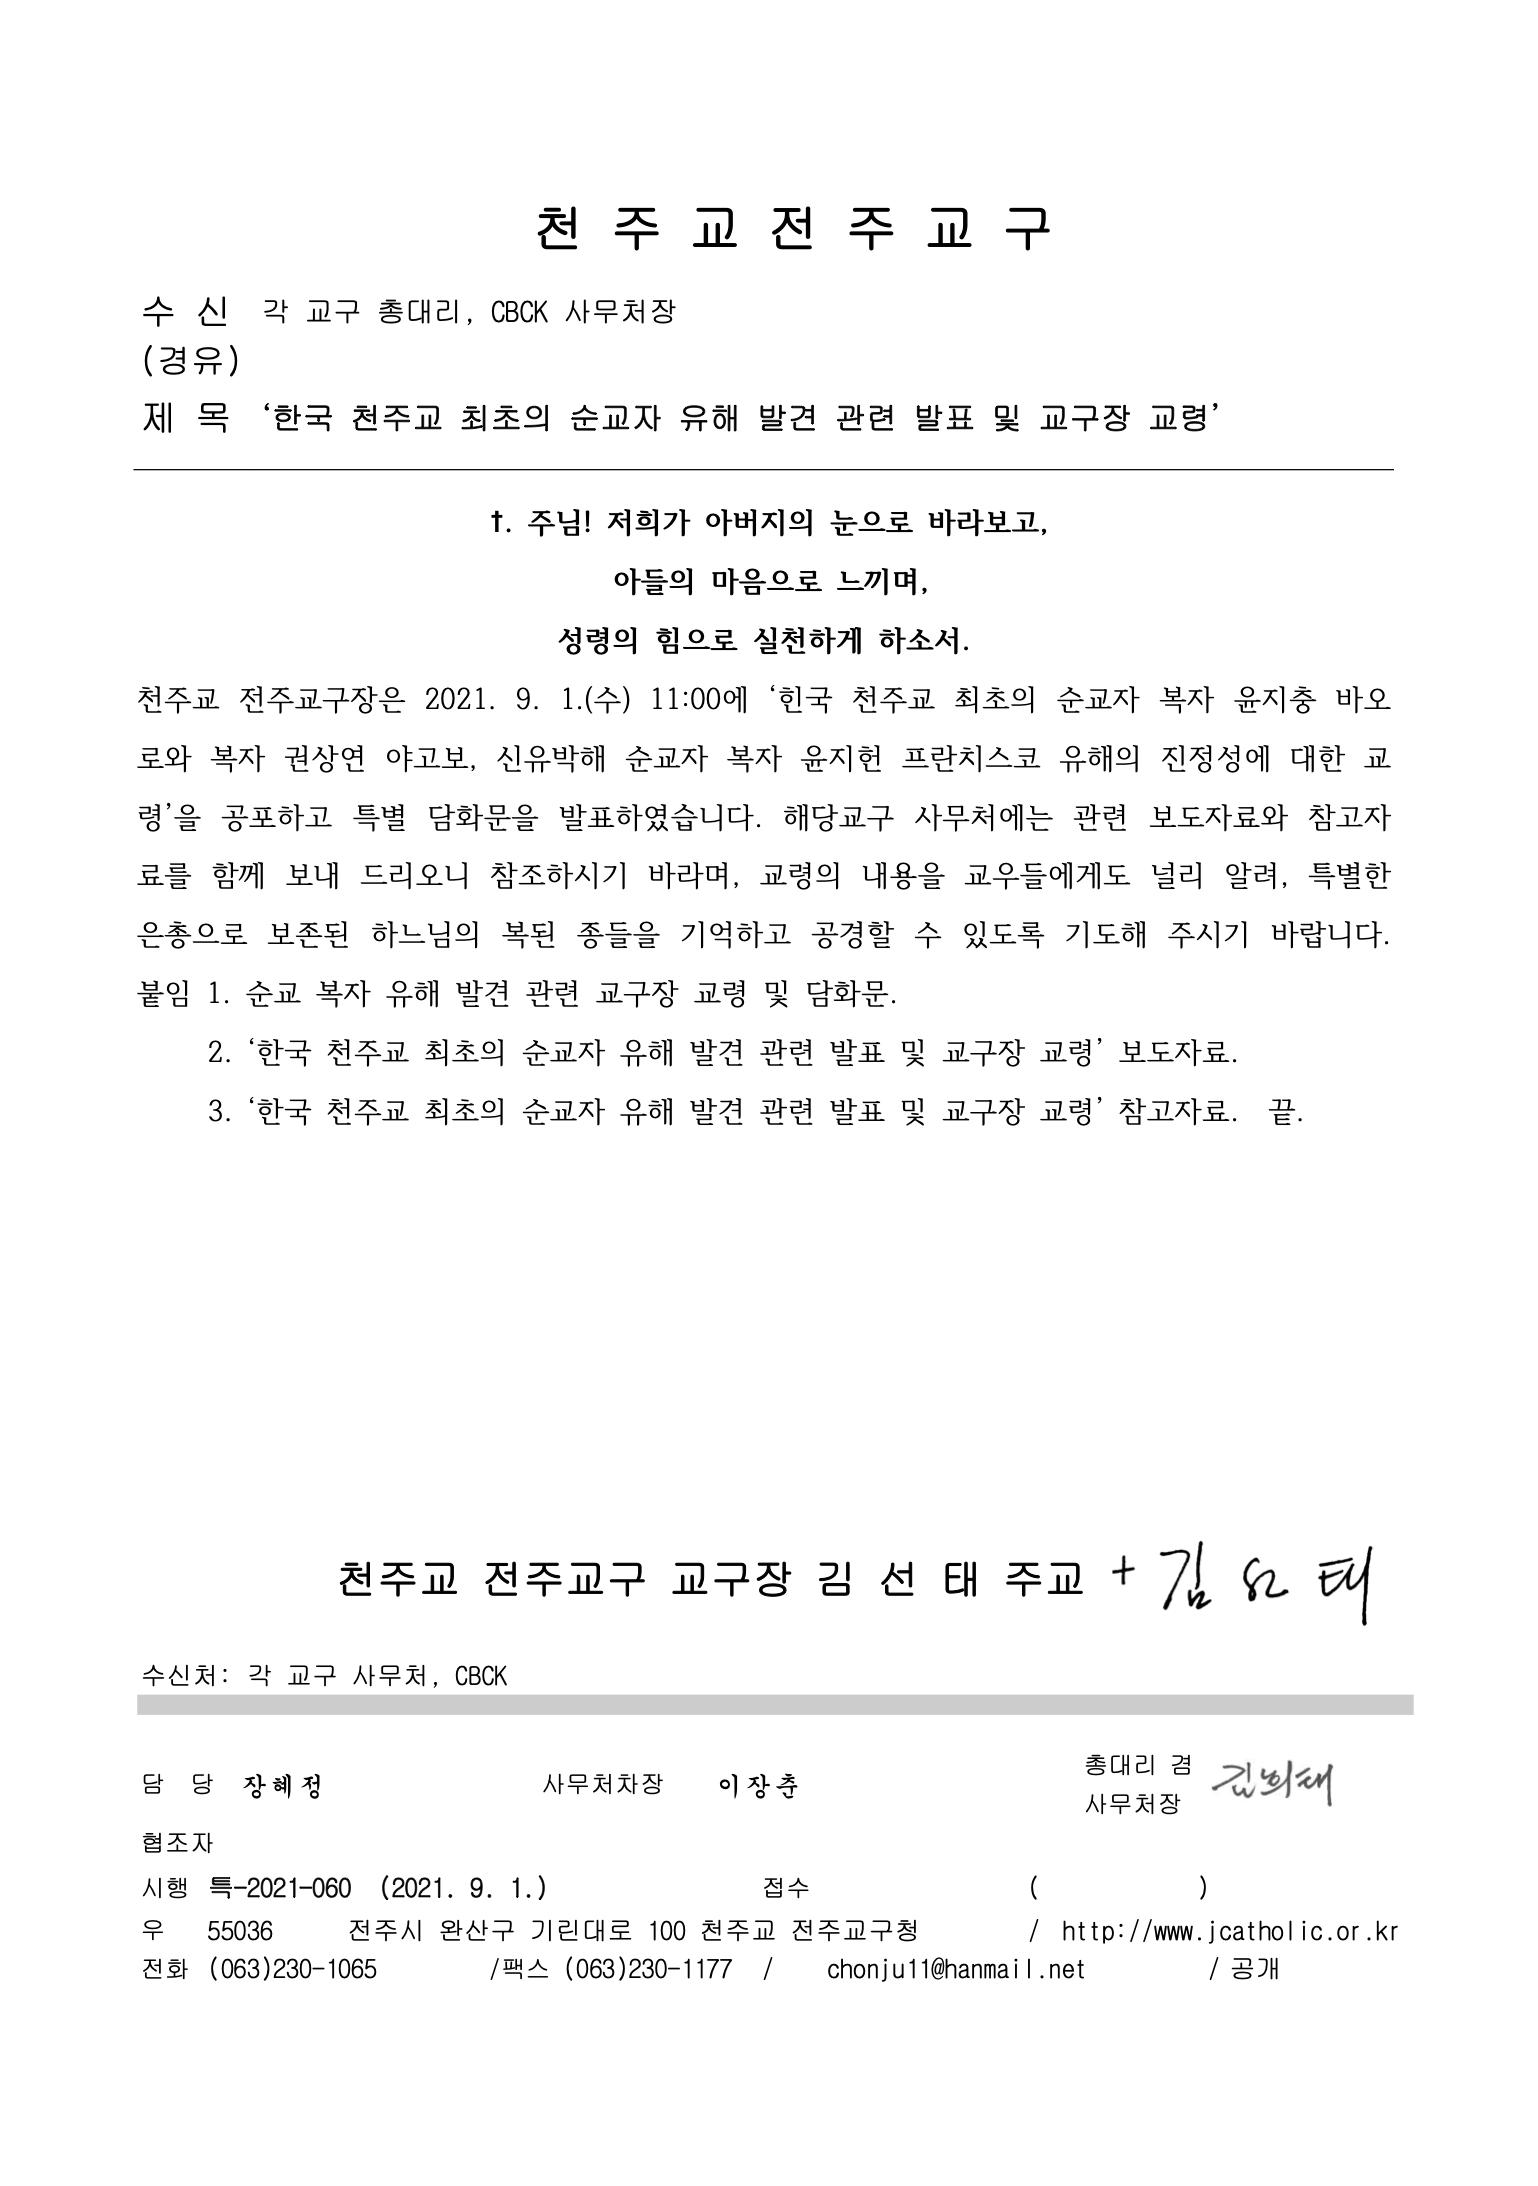 한국 천주교 최초의 순교자 유해 발견 관련 발표 및 교구장 교령.png